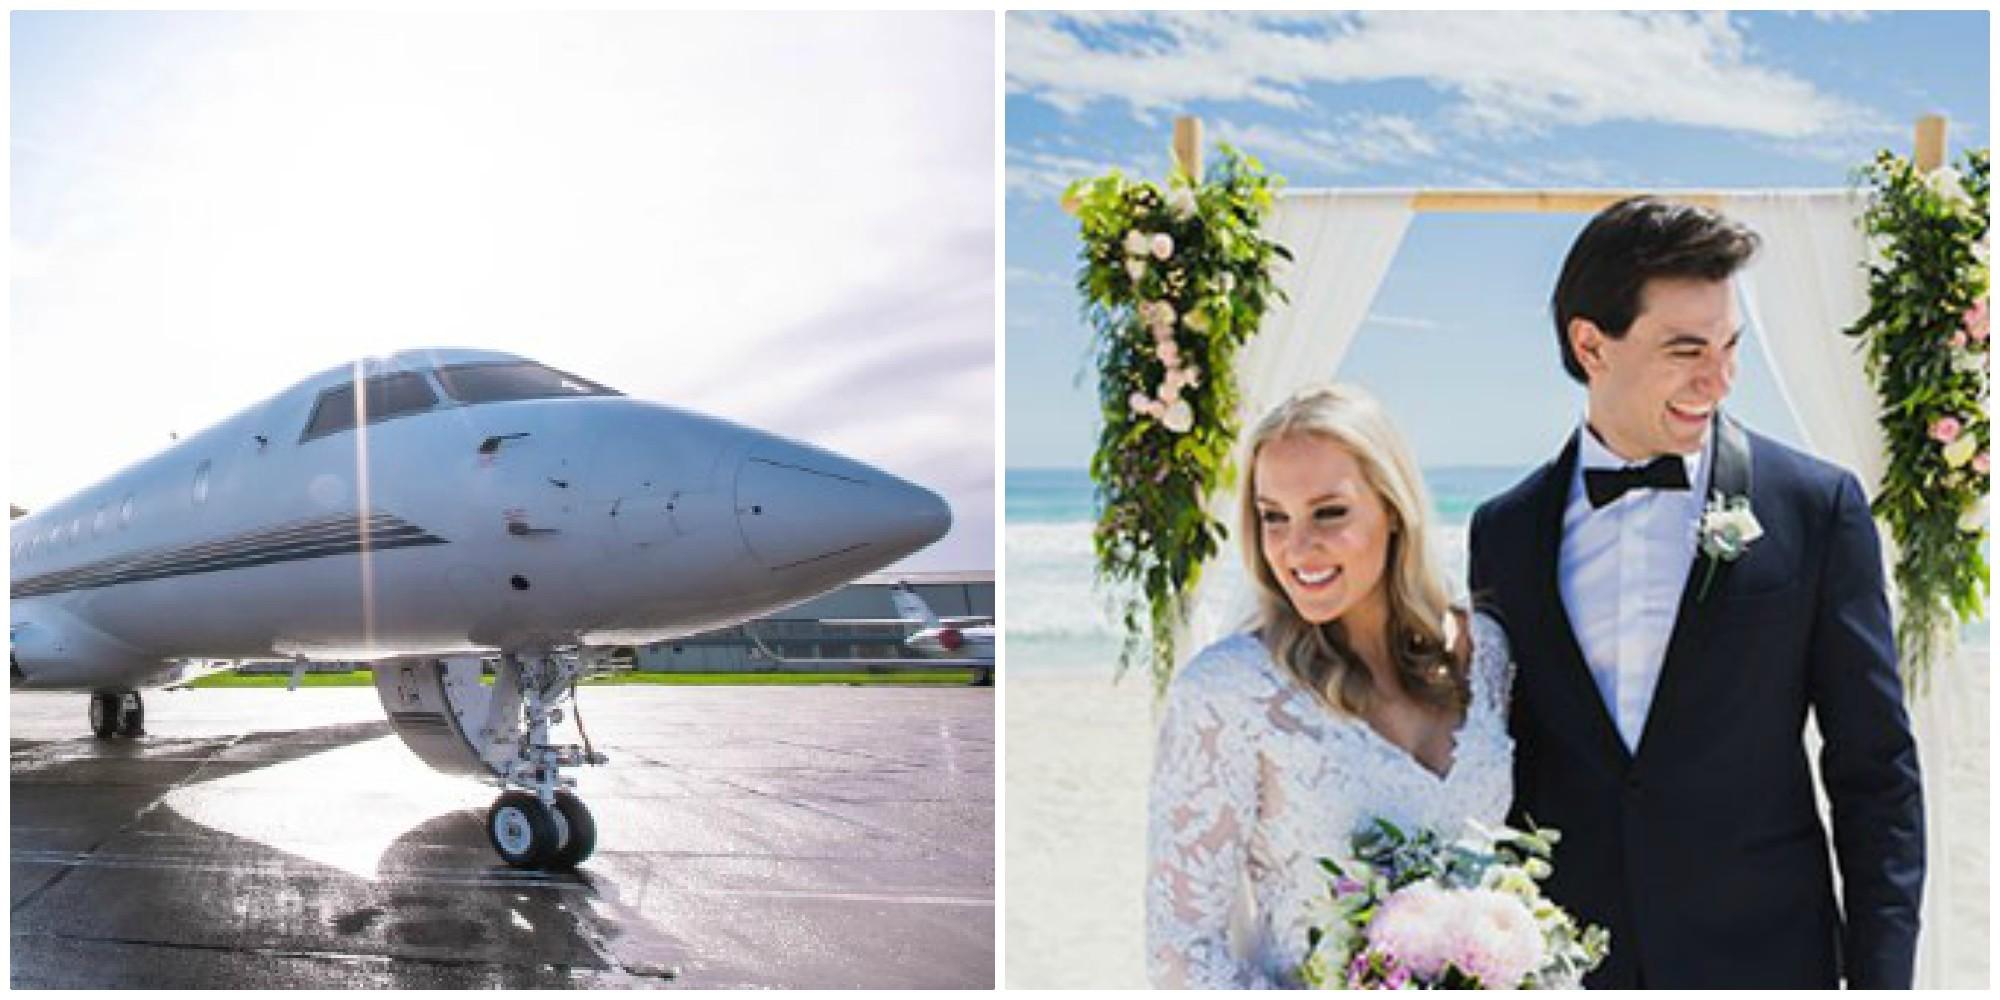 Điều gì đặc biệt ở 'đám cưới giữa bầu trời' trị giá 28 nghìn USD